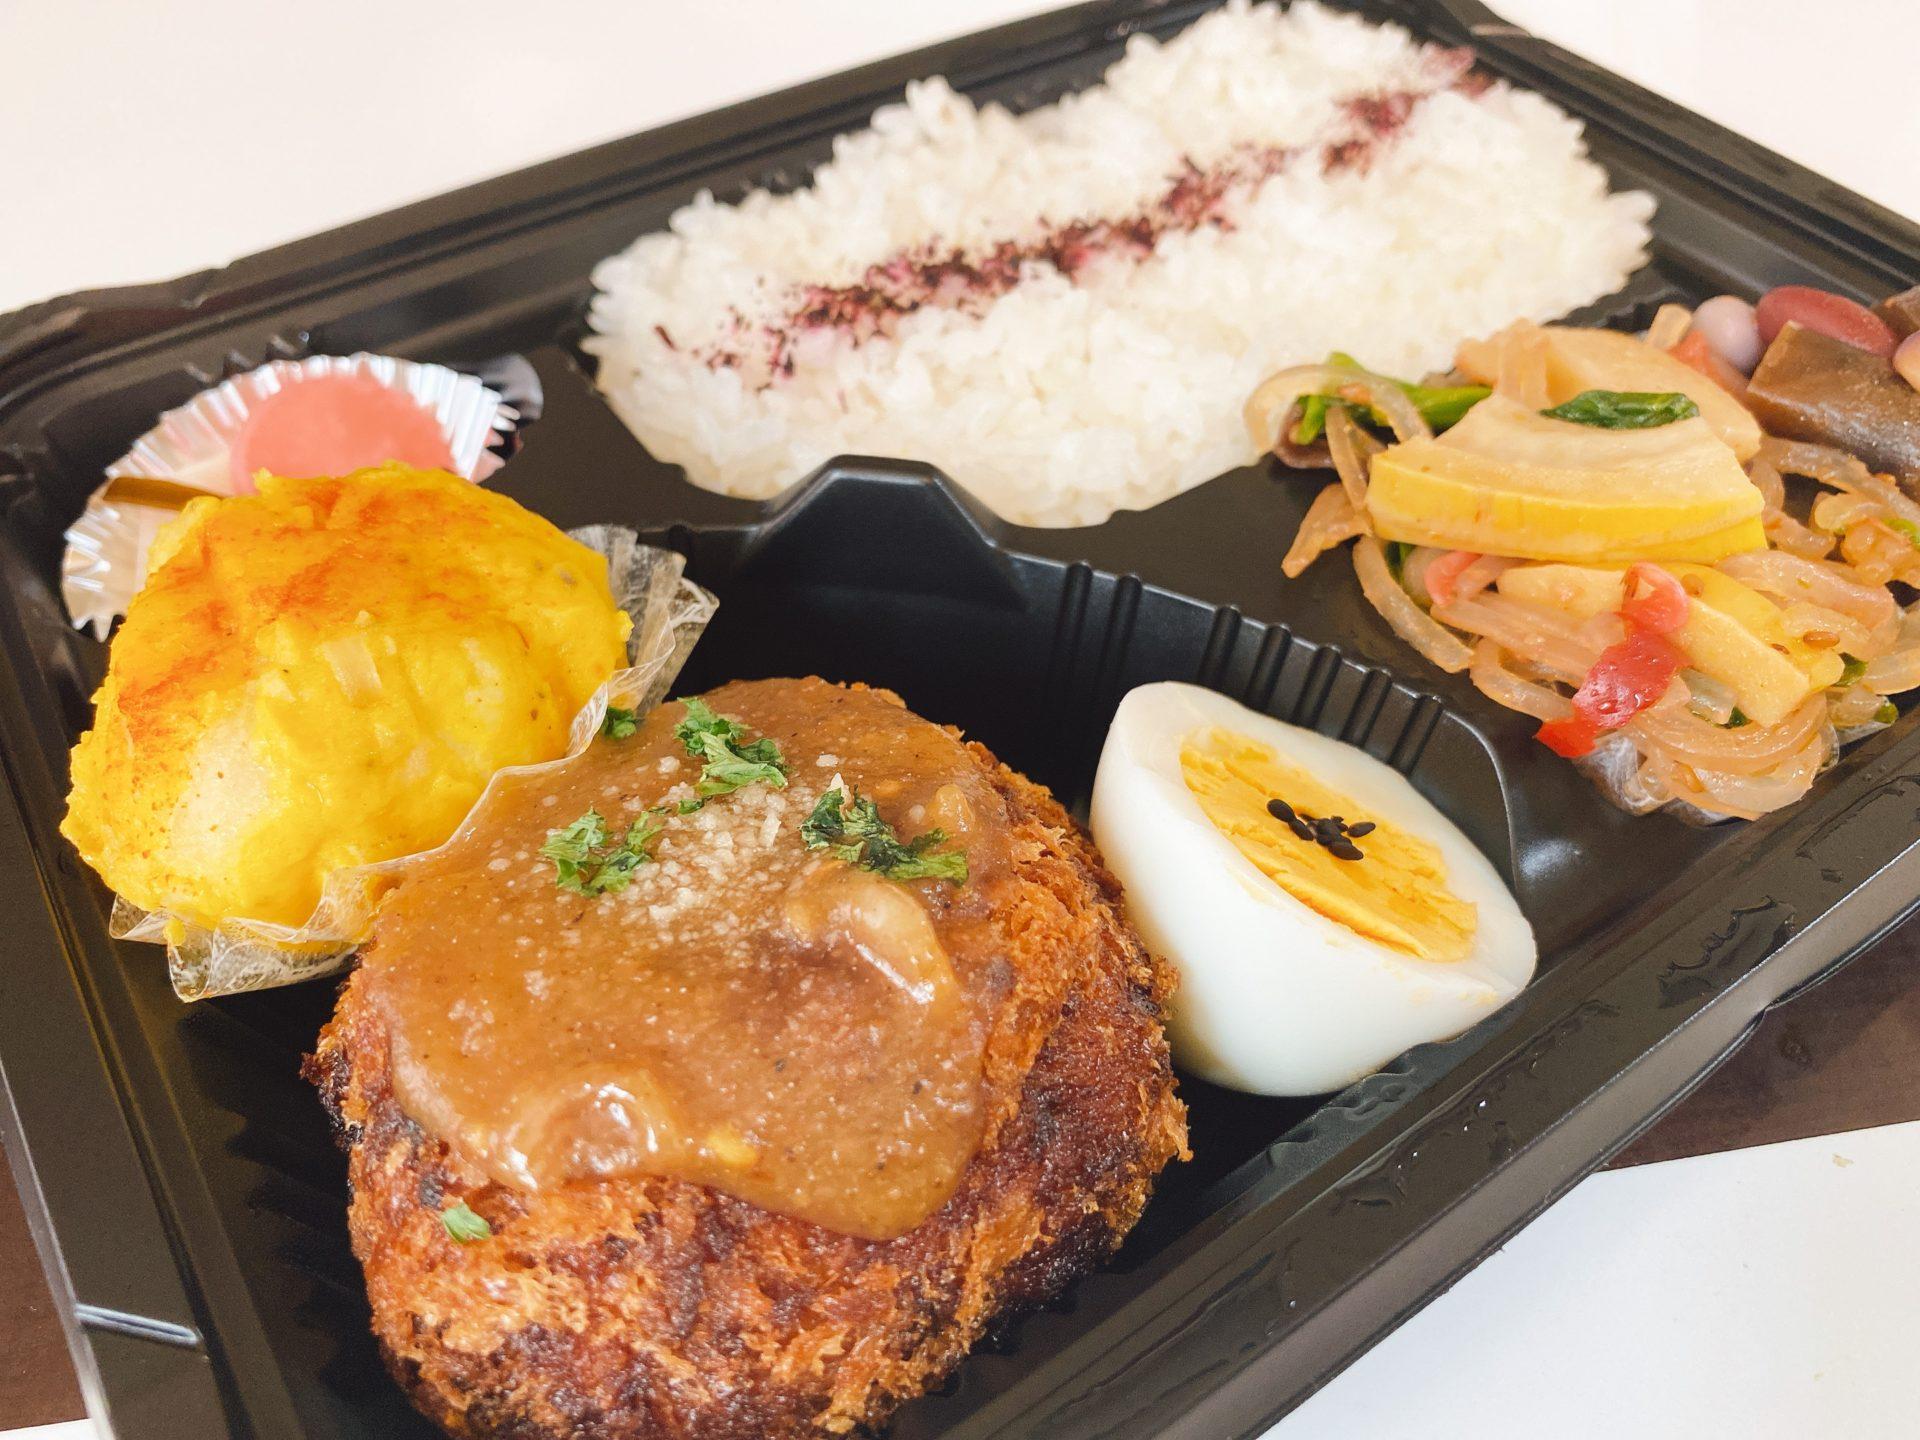 【岡山市北区のテイクアウト】岡山駅から車で3分 城下公会堂のランチが自宅でも食べられる!テイクアウト開始で、お昼が楽しみに!